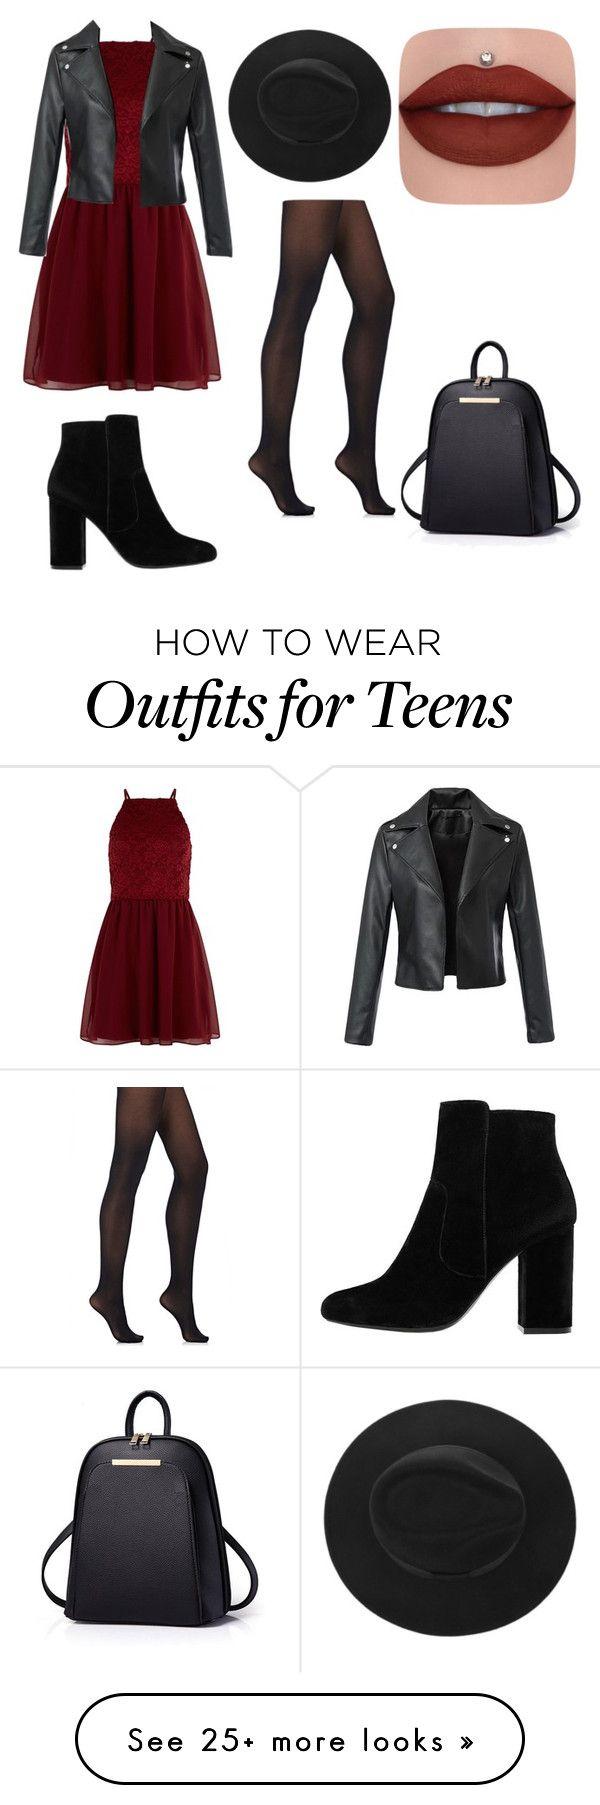 Vestido vinho + meia-calça + botinha + jaqueta de couro + chapeu preto